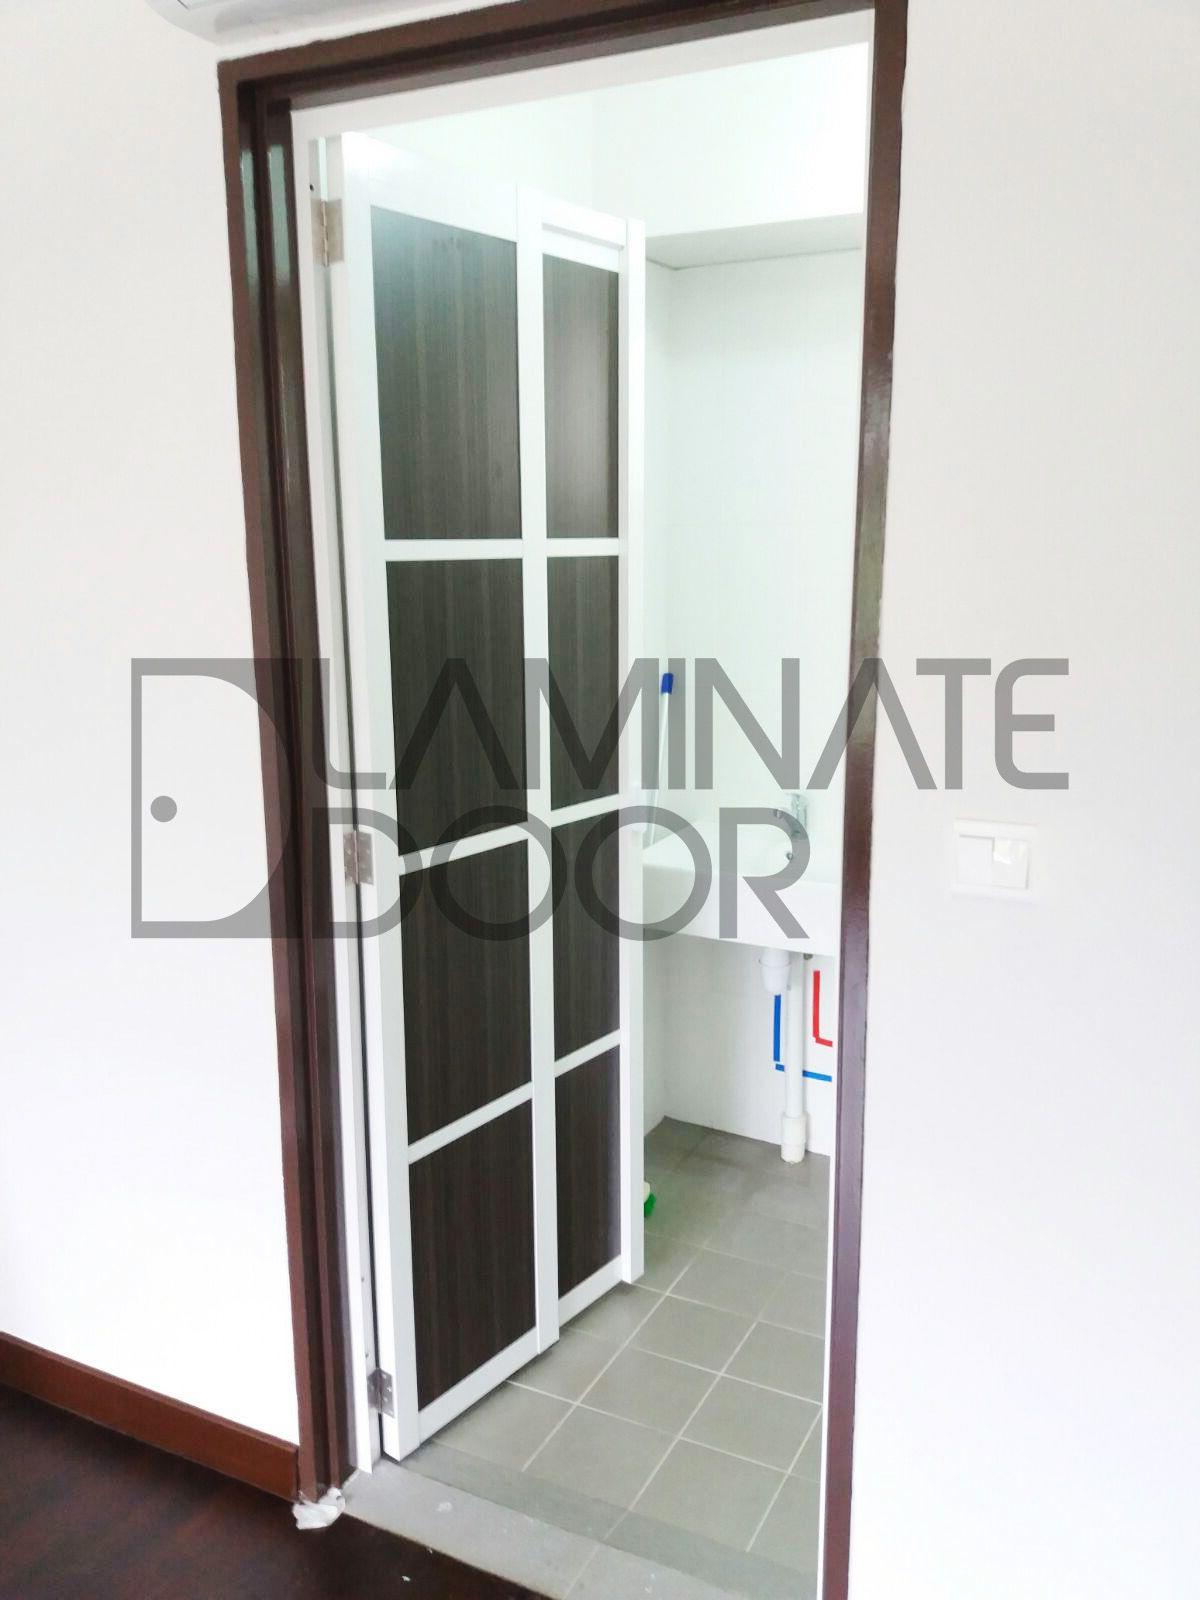 Slide Swing Toilet Door Install For Hdb Get 1 Door At 350 And 2 Door At 680 Free To Customize Call 85220015 No Laminate Doors Bedroom Doors Door Design